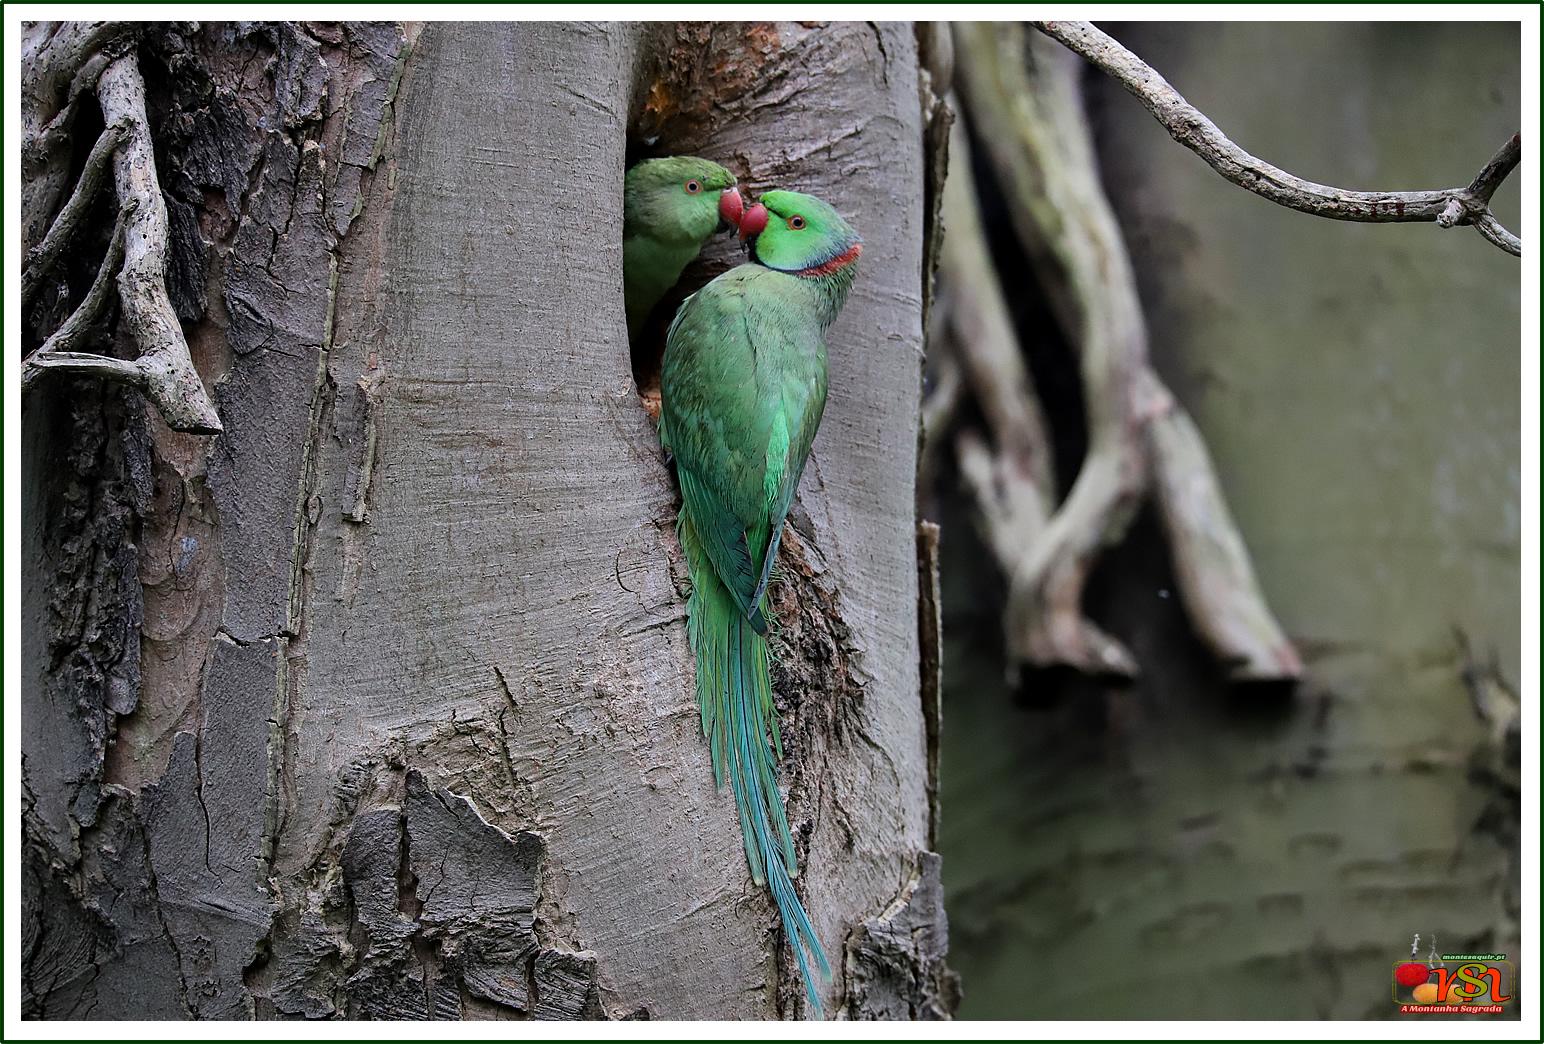 Periquito-de-colar (Psittacula krameri)